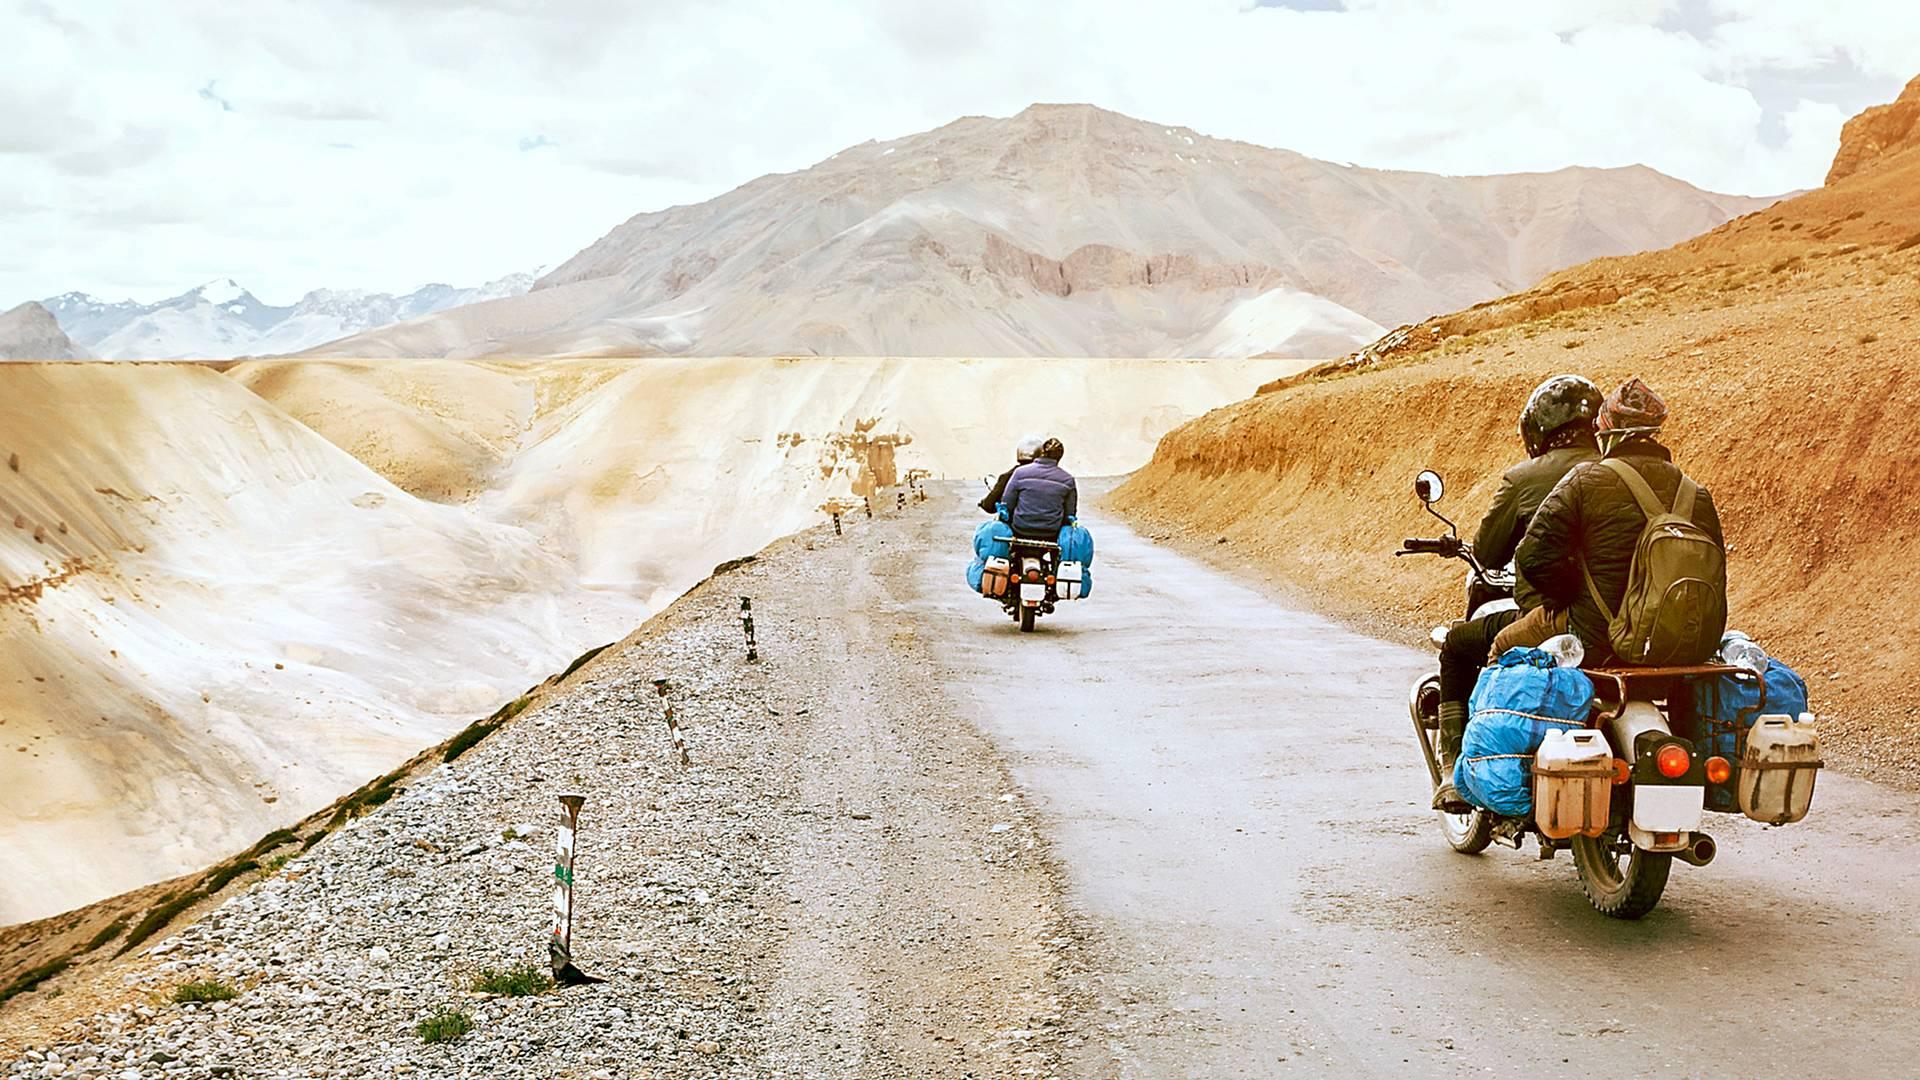 Viaggio in moto a Ladakh attraverso Himalaya e Punjab